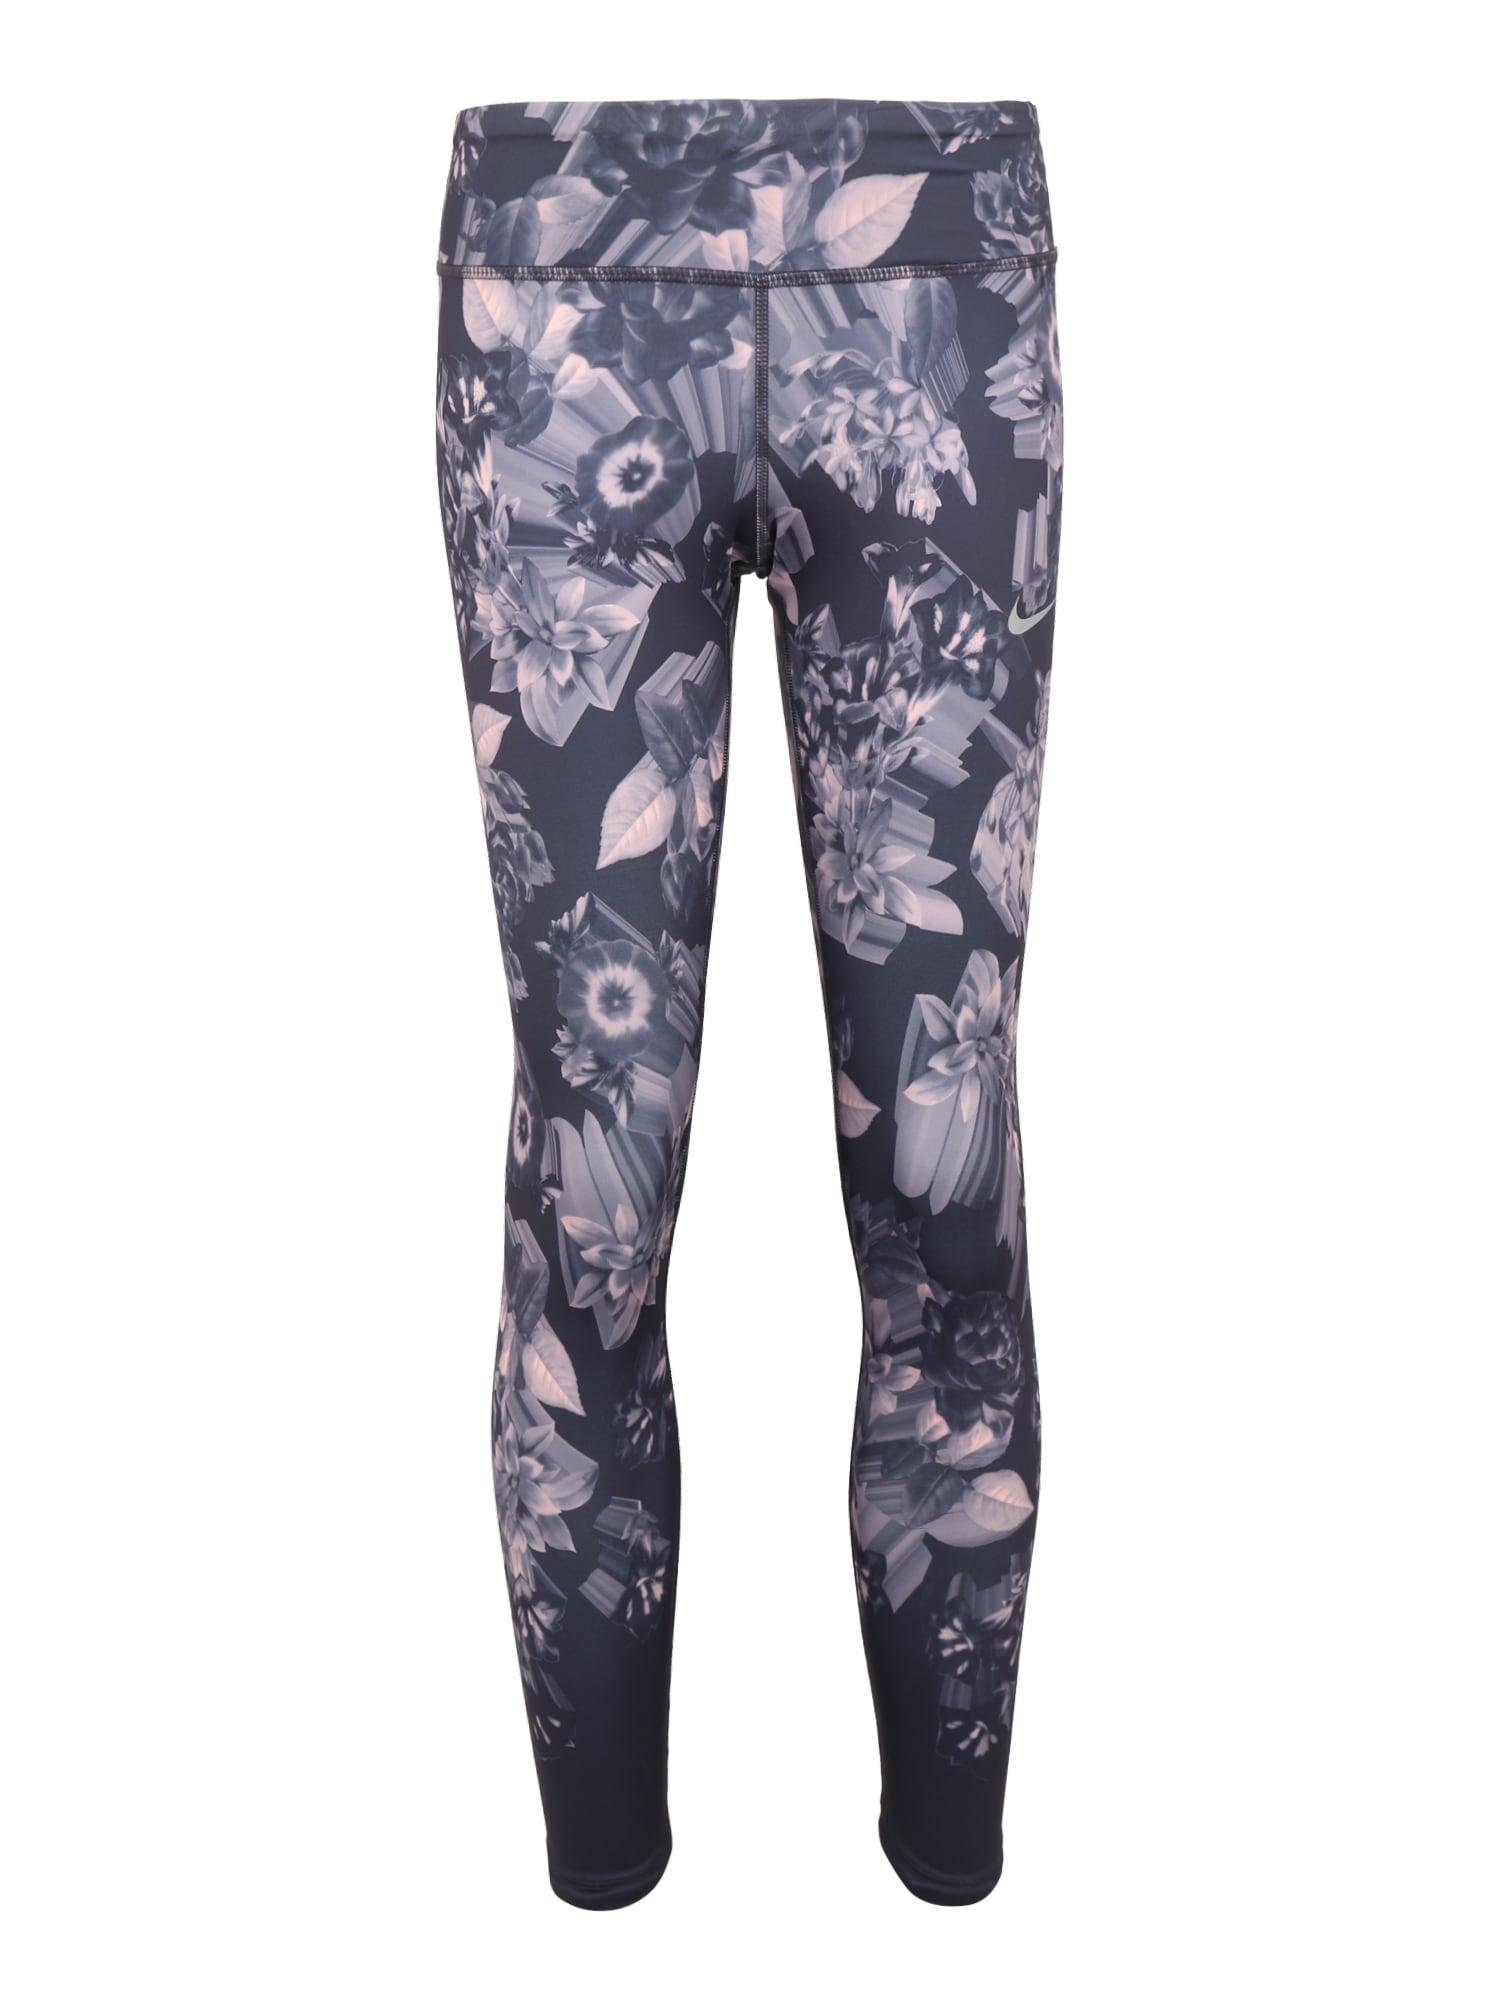 Sportovní kalhoty EPIC LUX čedičová šedá světle fialová NIKE